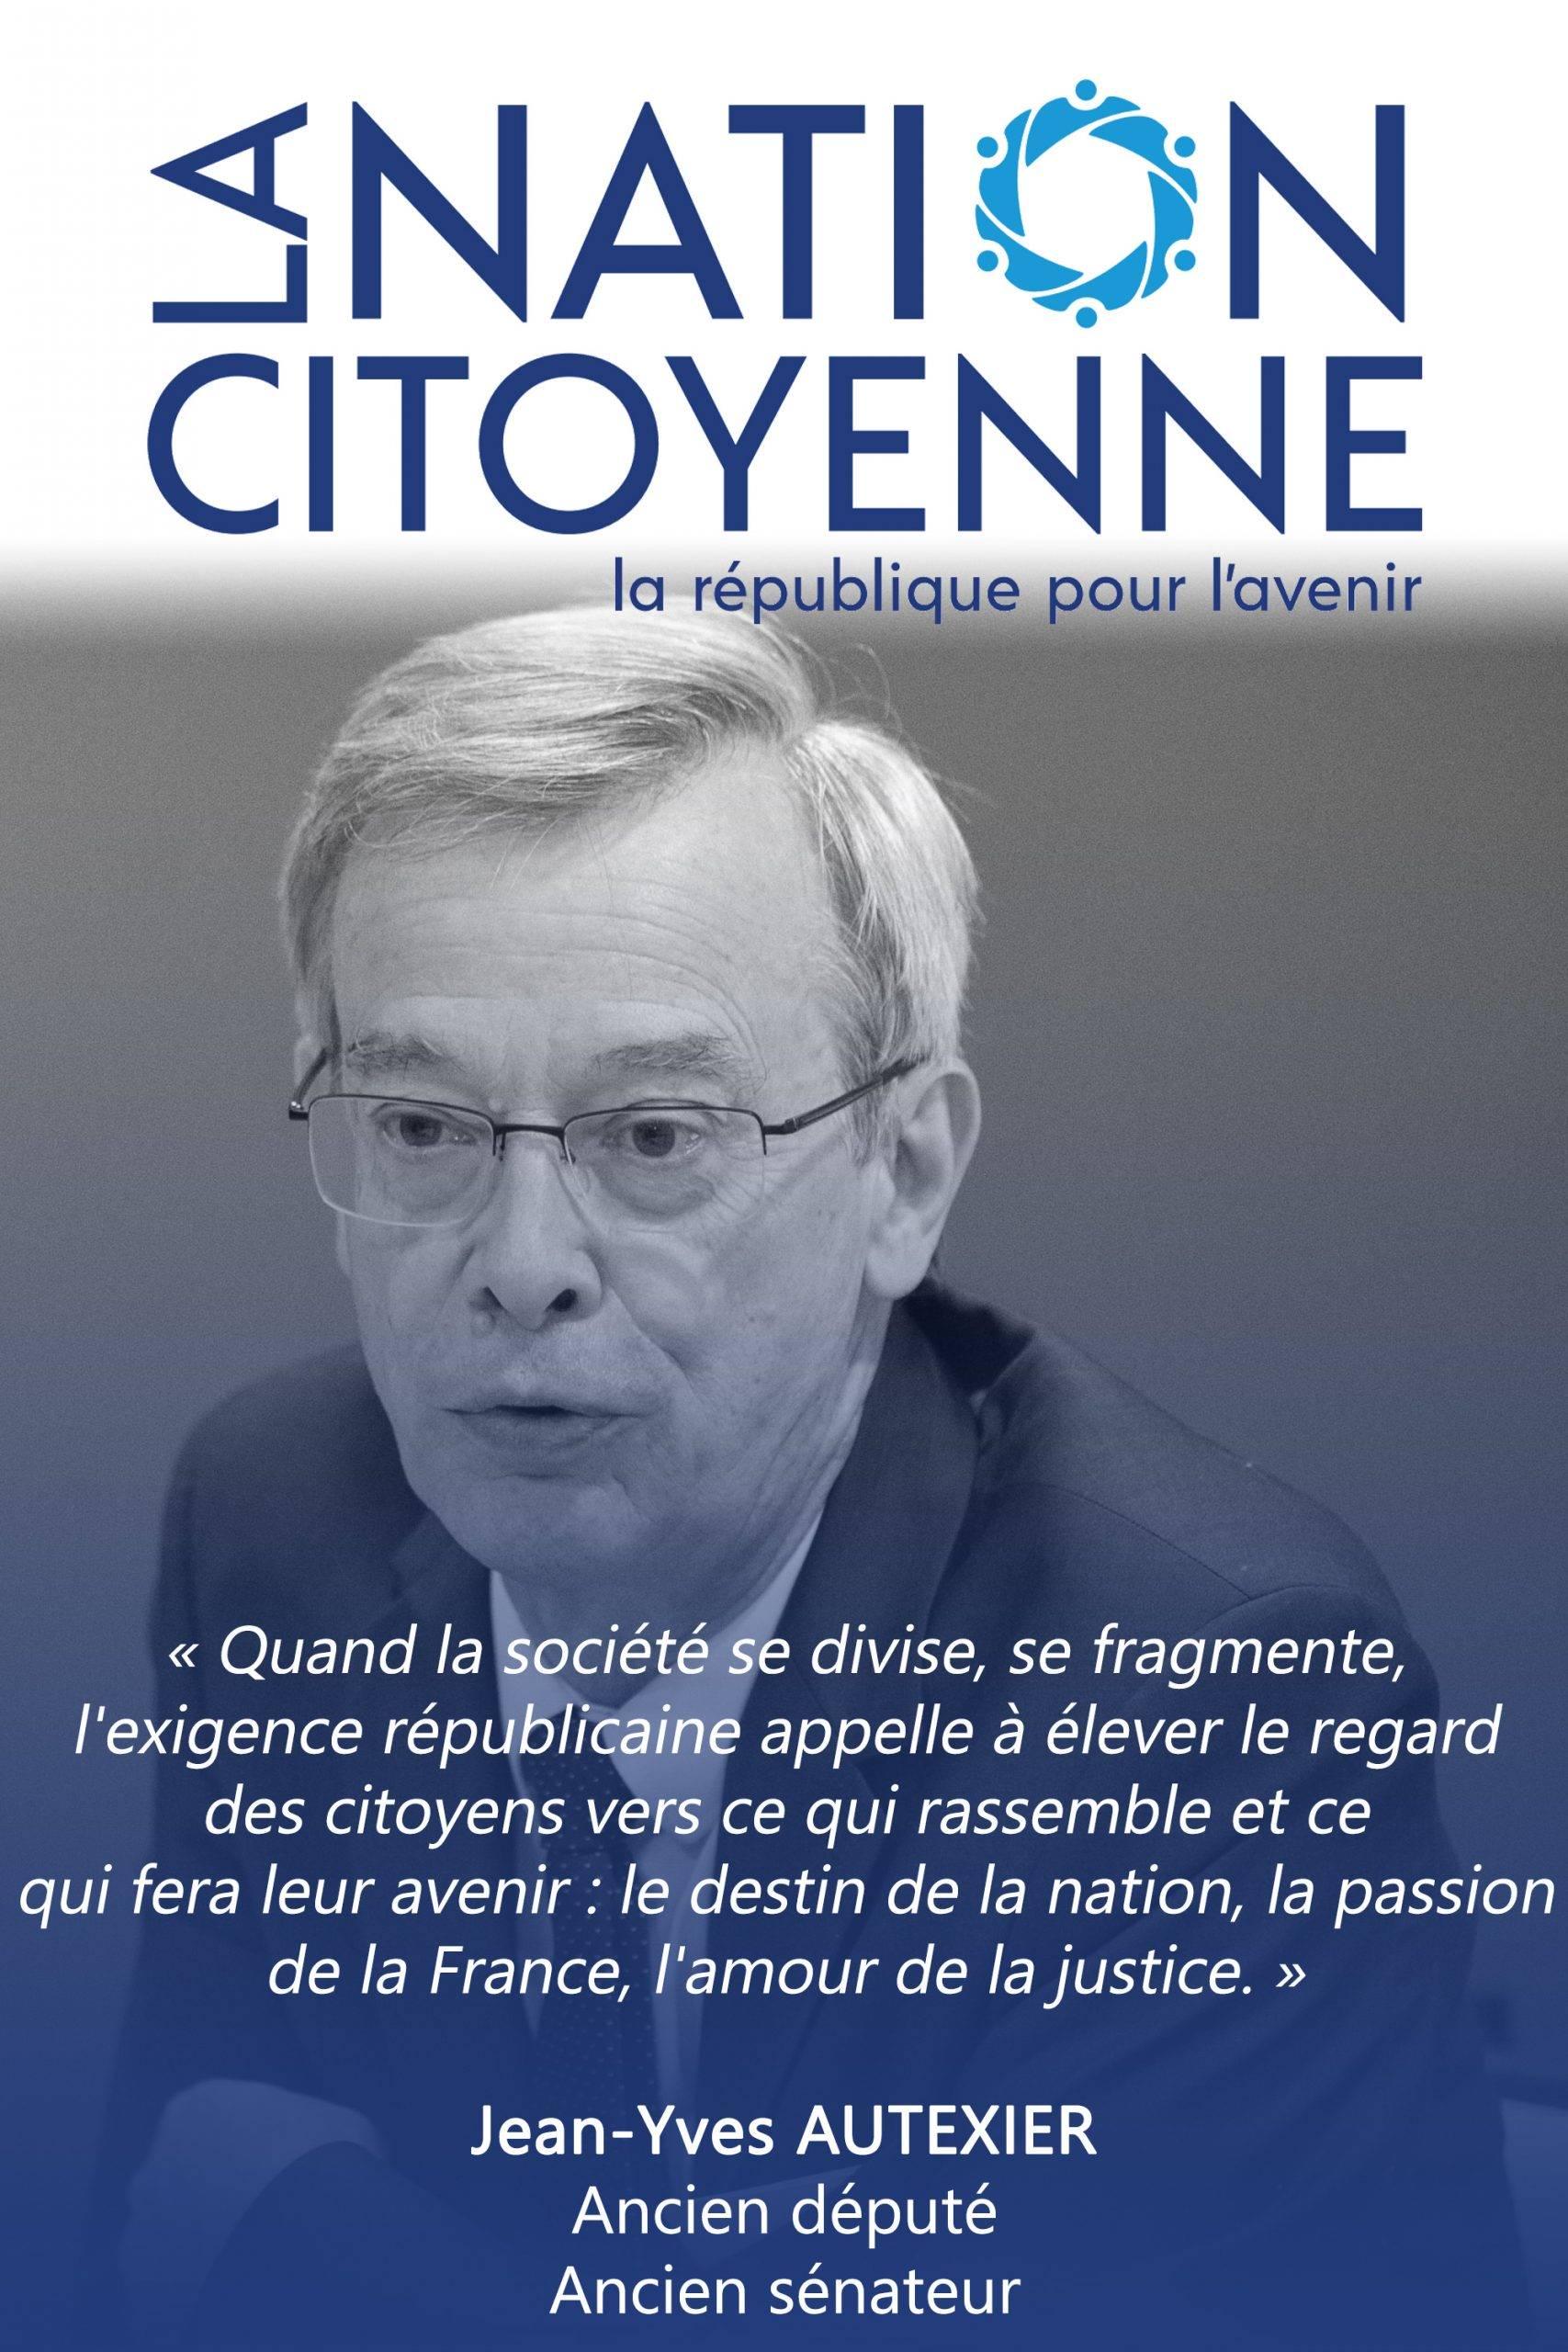 6. Jean Yves Autexier